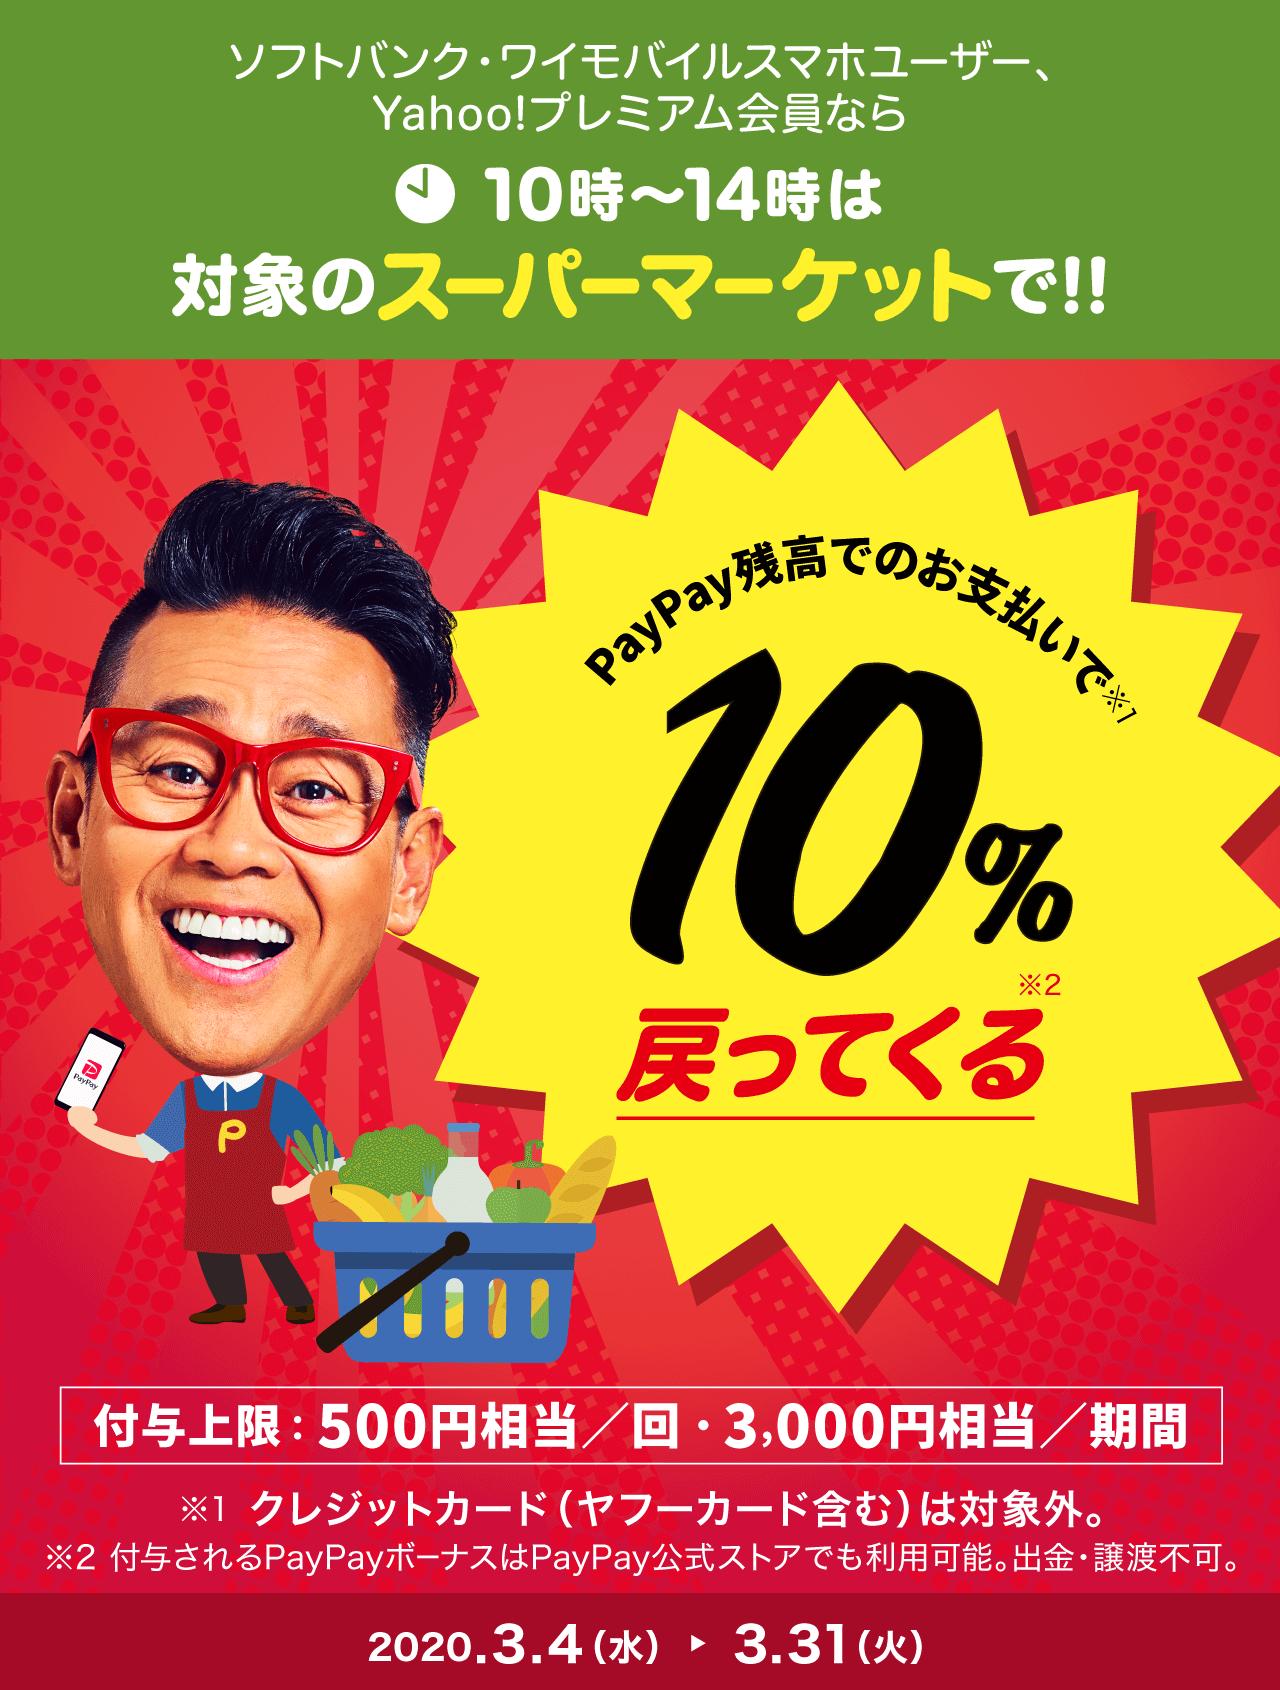 ソフトバンク・ワイモバイルスマホユーザー、Yahoo!プレミアム会員なら 10時〜14時は対象のスーパーマーケットで!! PayPay残高でのお支払いで10%戻ってくる